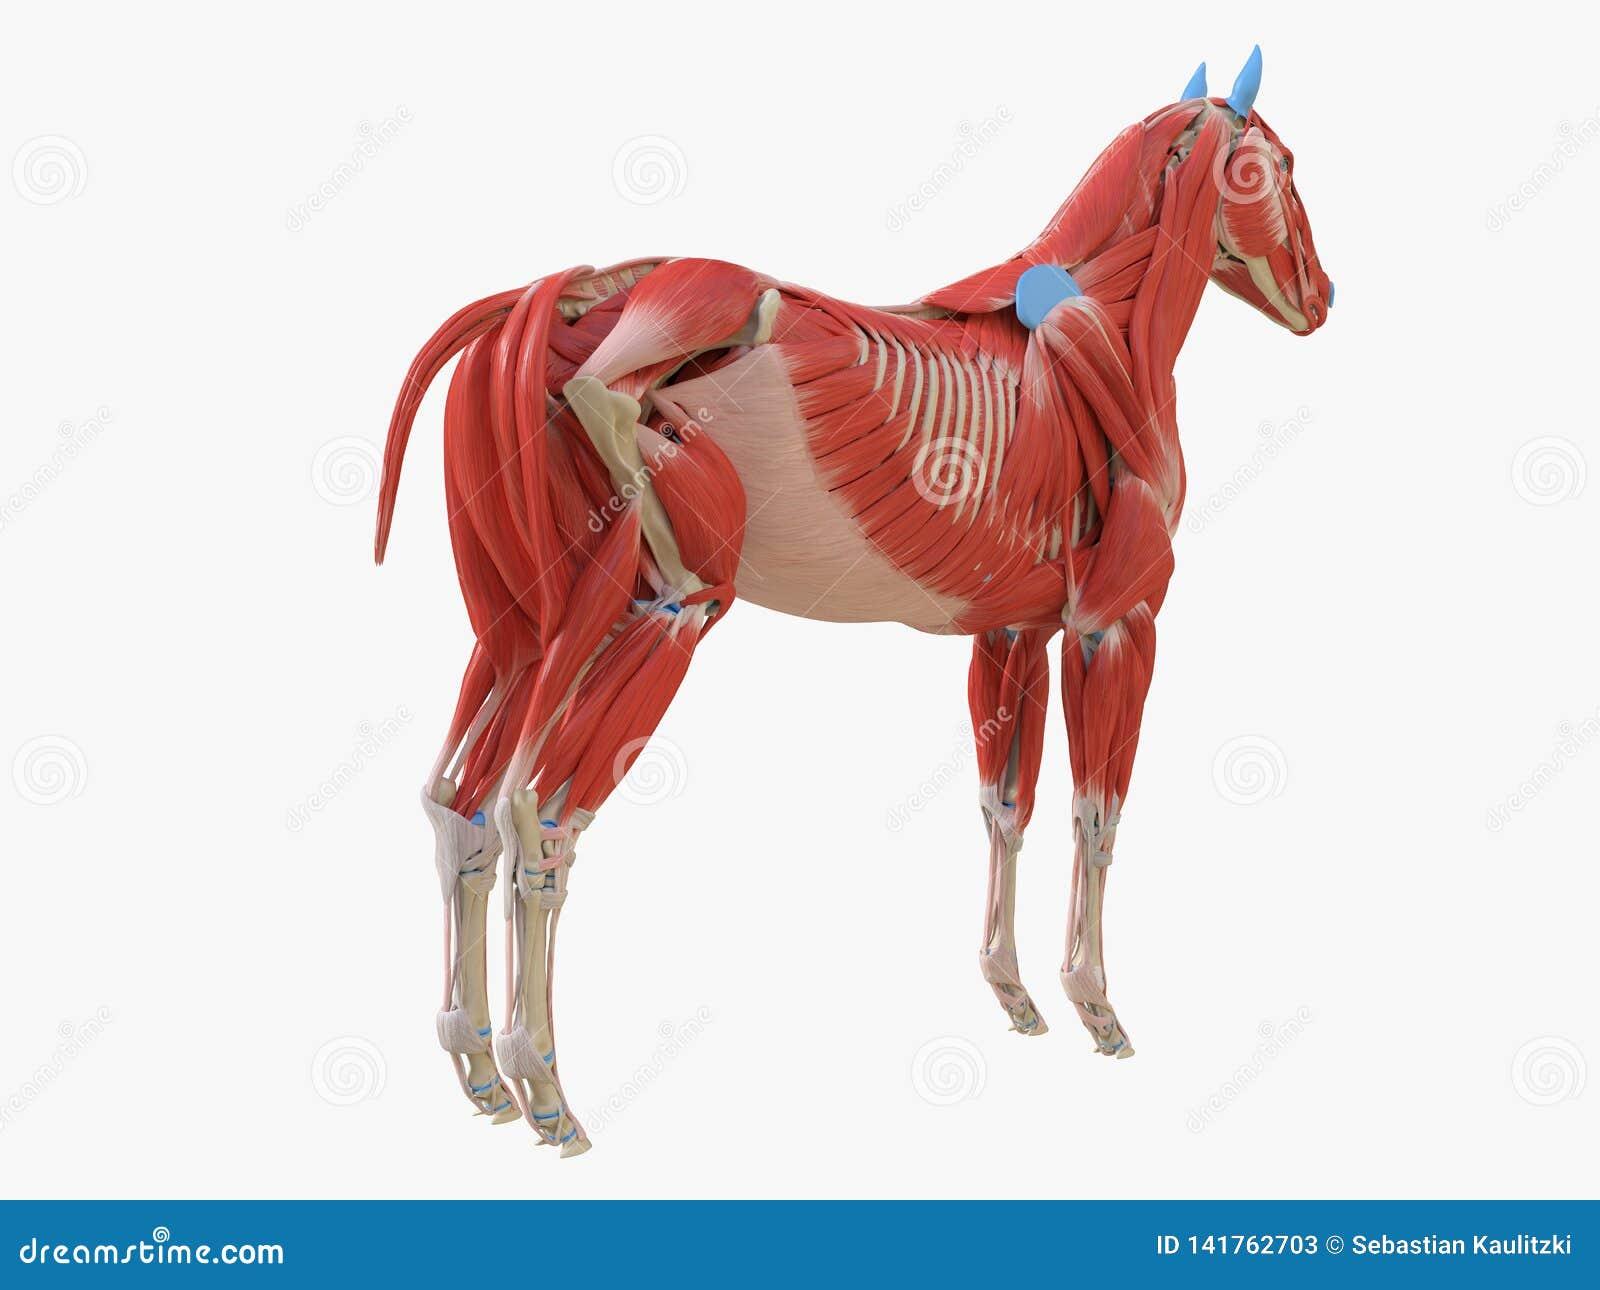 Equine анатомия мышцы